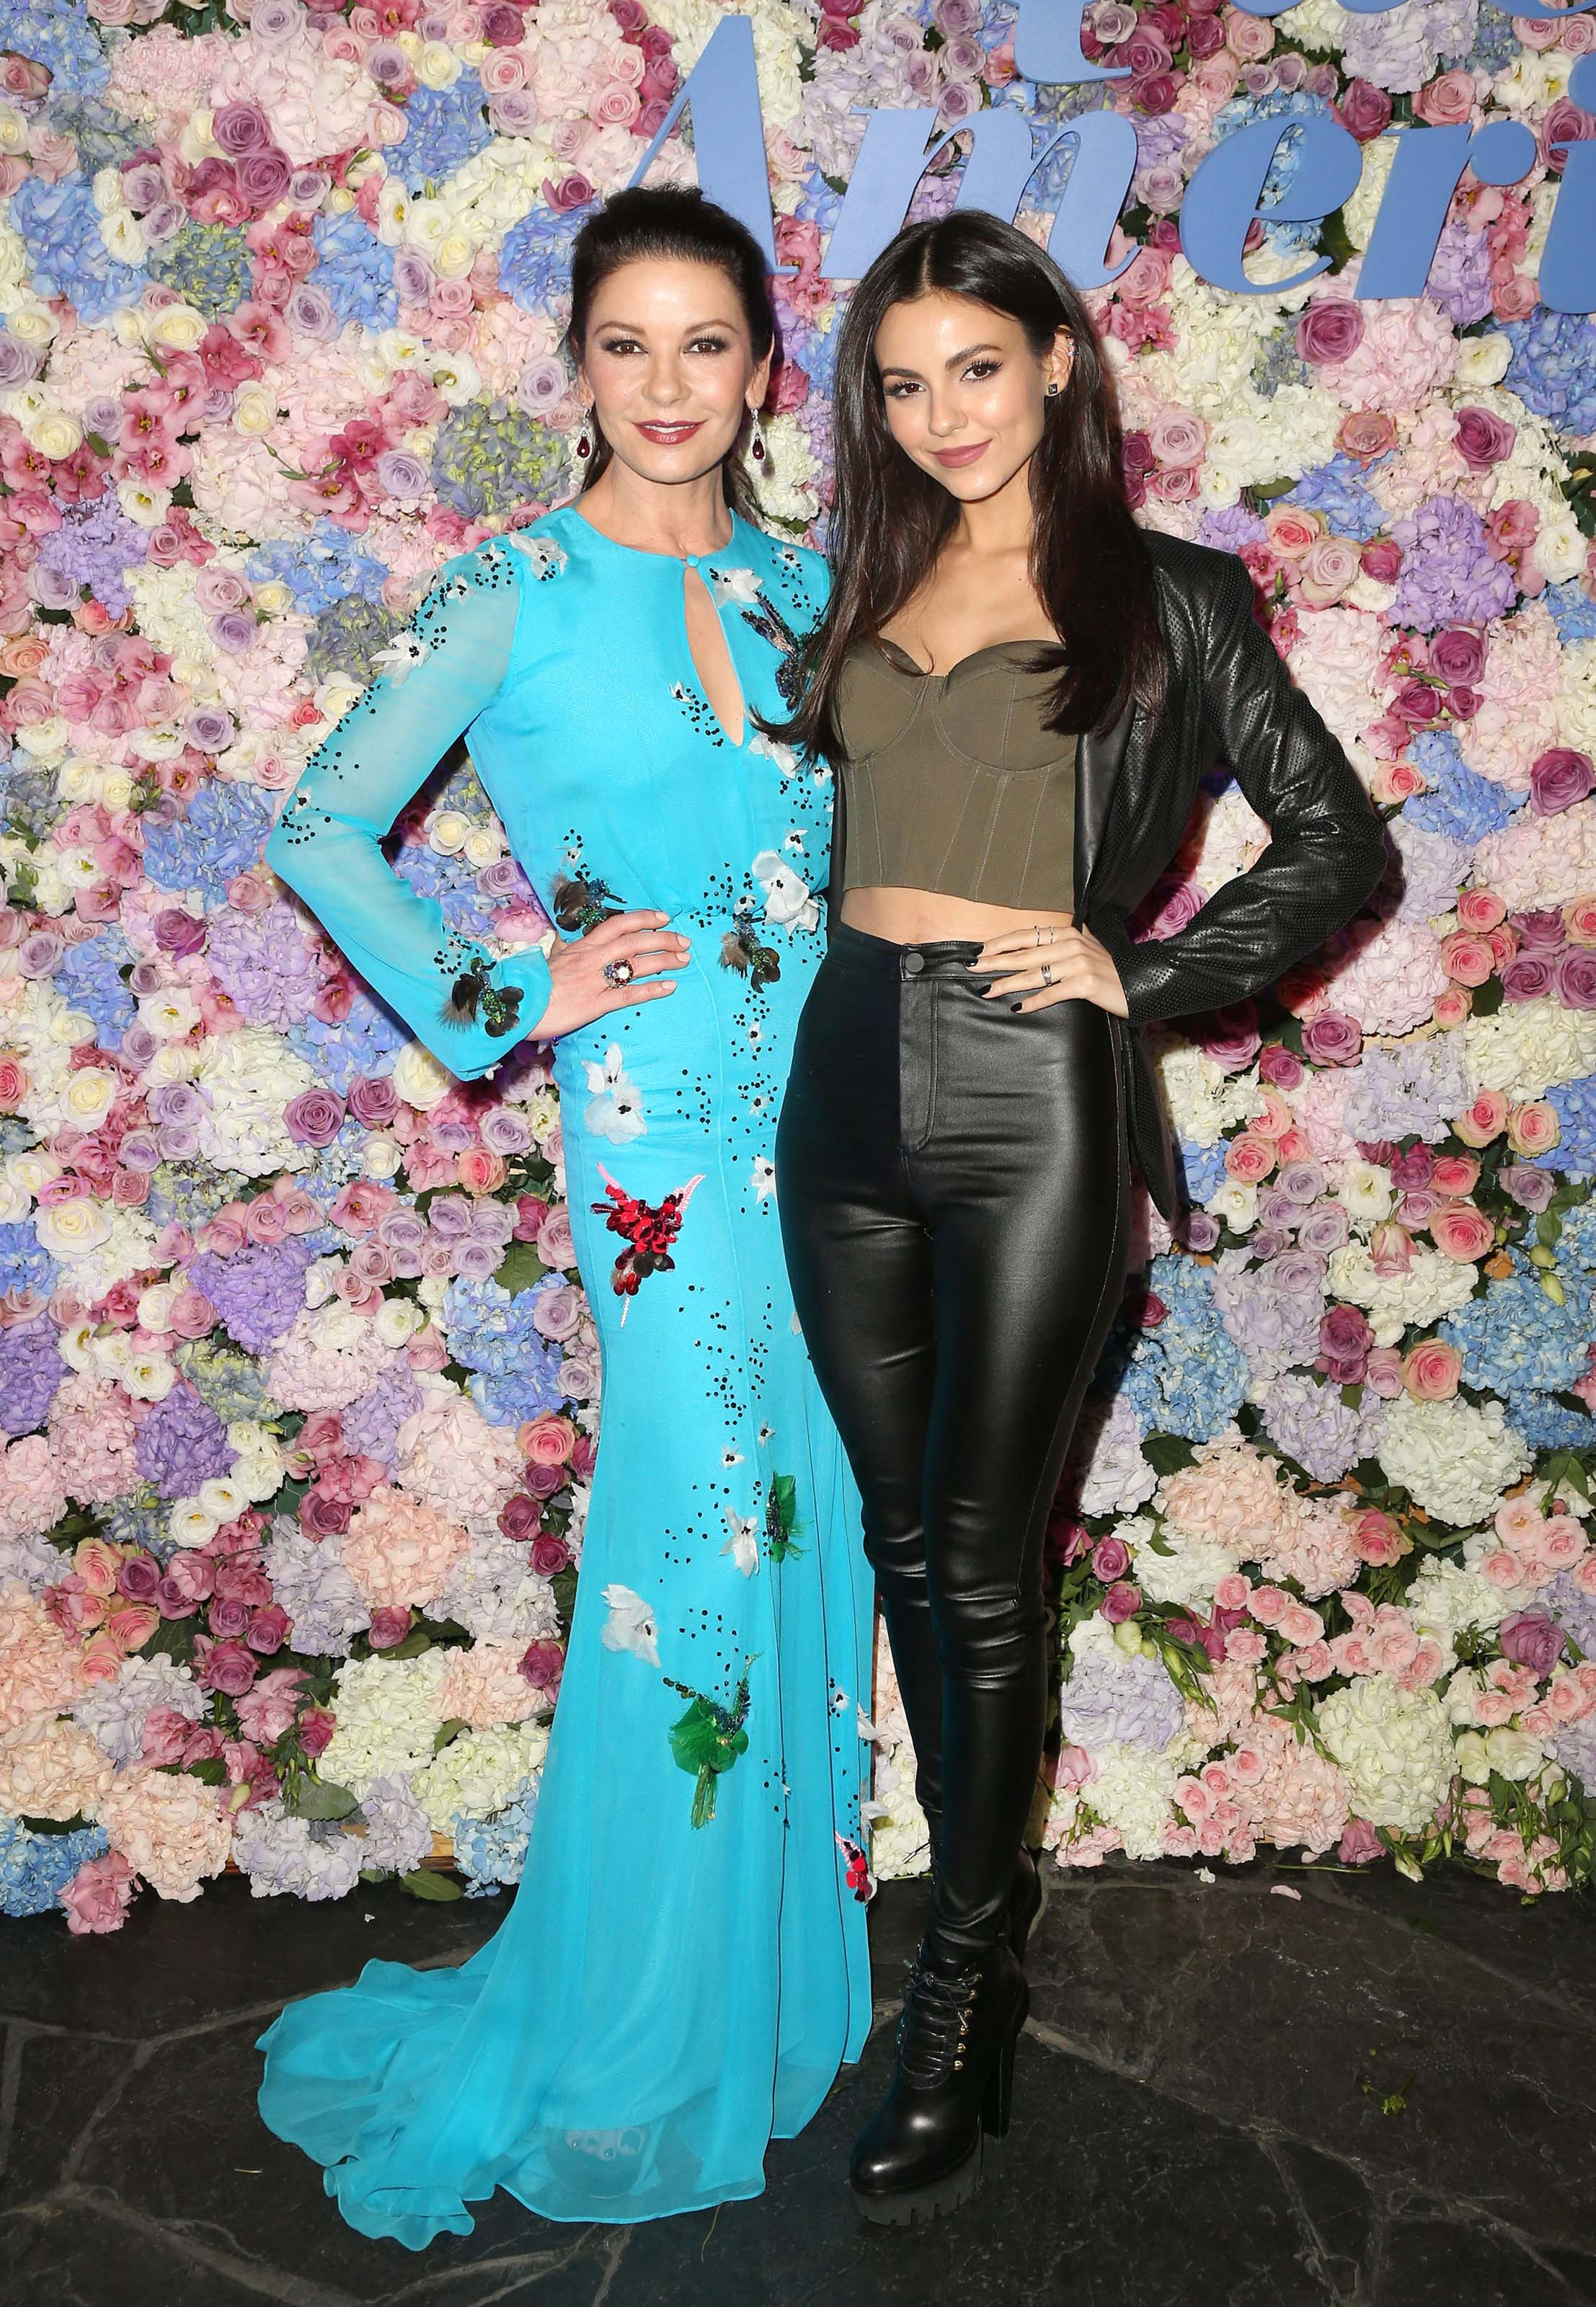 Victoria Justice attends Queen America Premiere